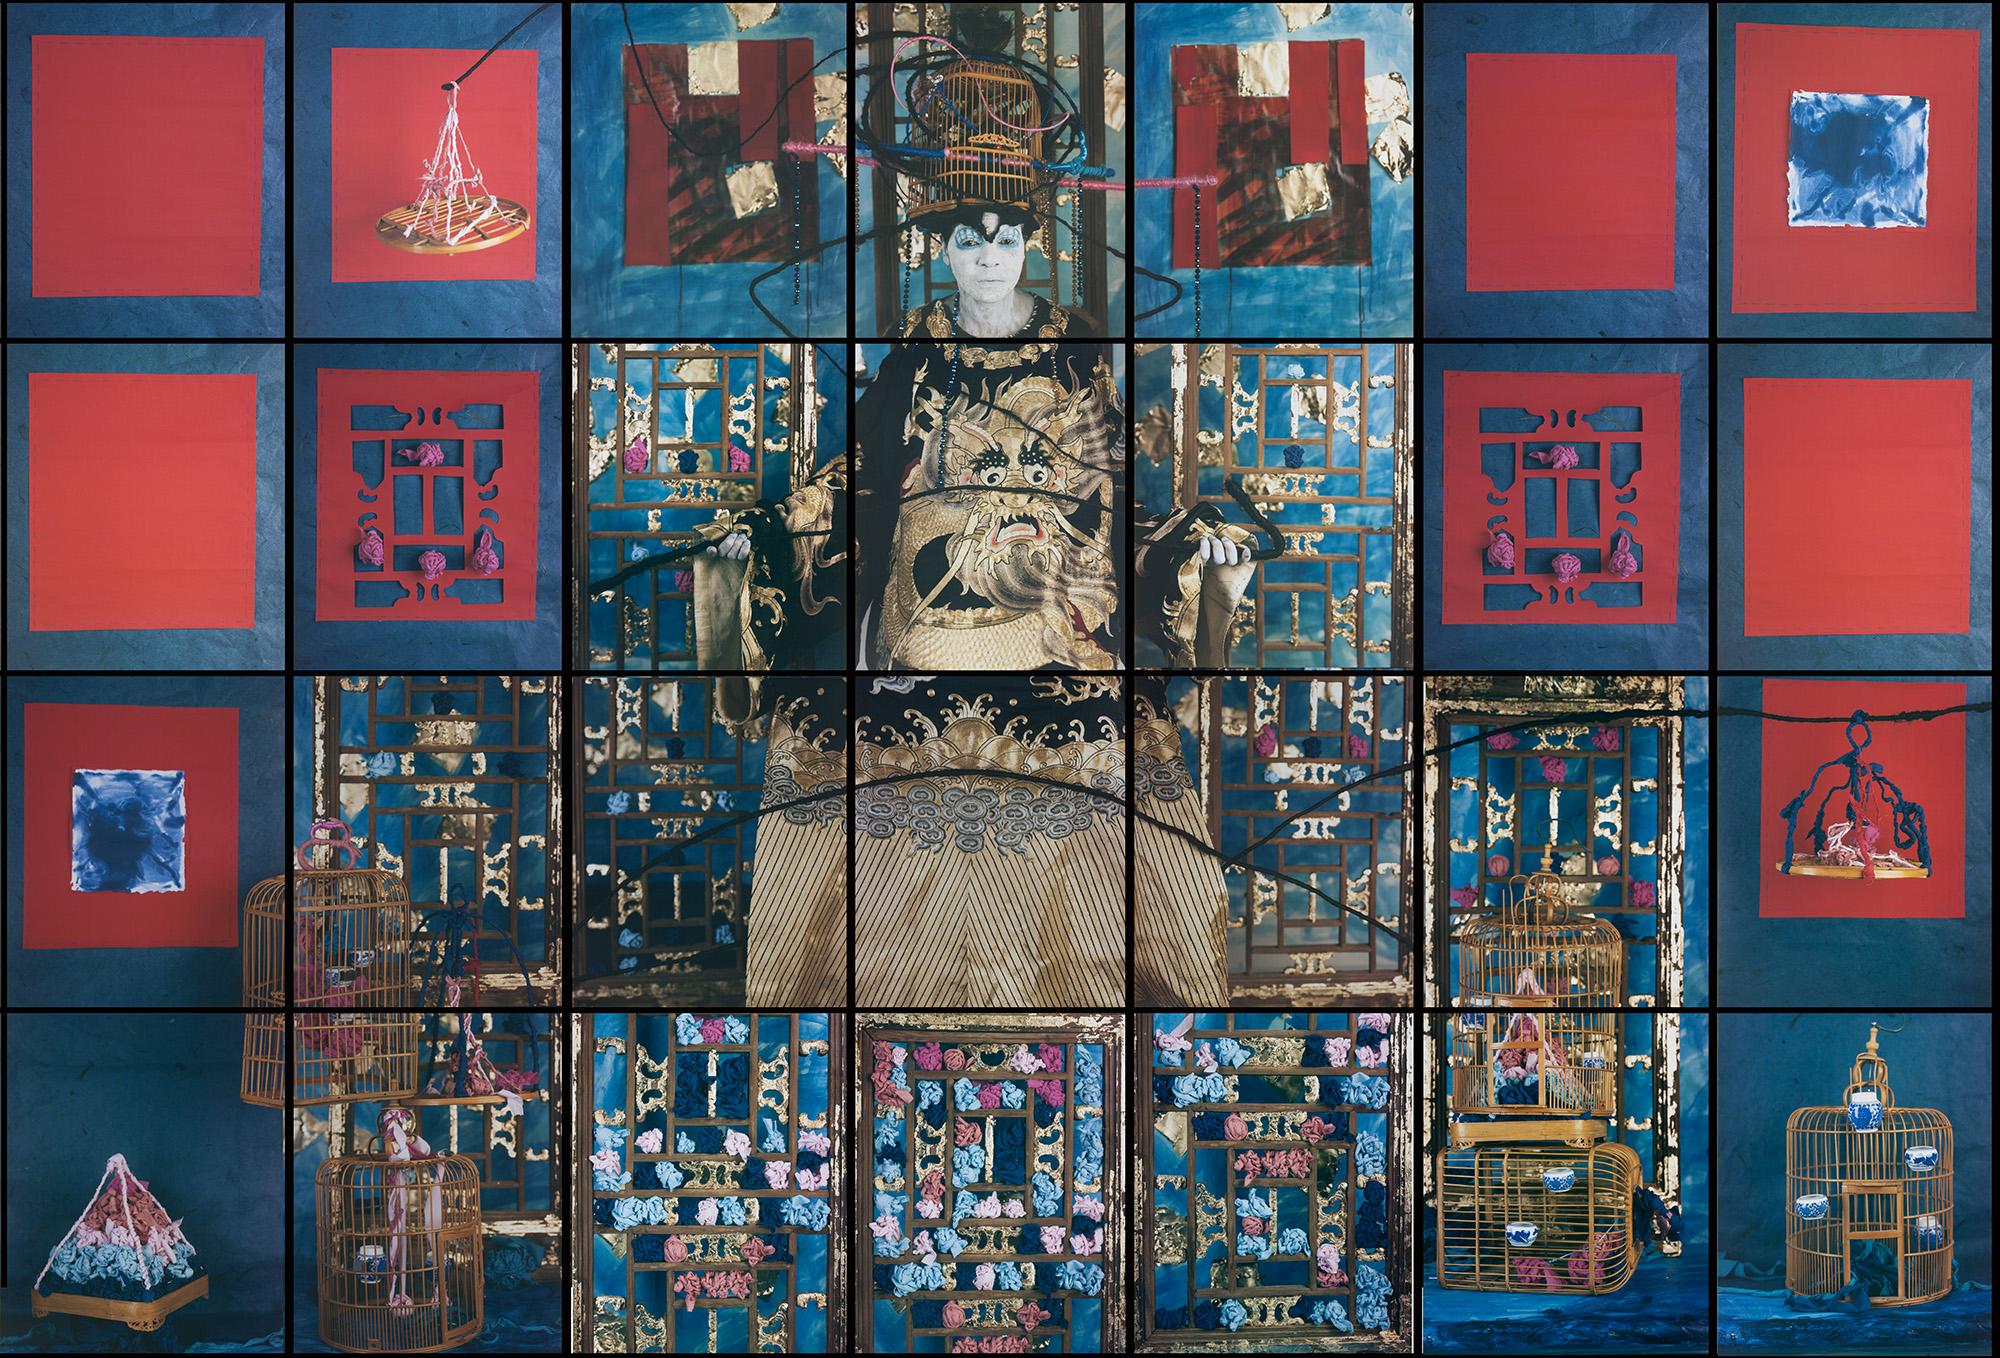 María Magdalena Campos-Pons,  Finding Balance,  2015, Composition of 28, Polaroid Polacolor, Pro 24 x 20 photograph, 96 x 140 inches (243.8 x 355.6 cm)